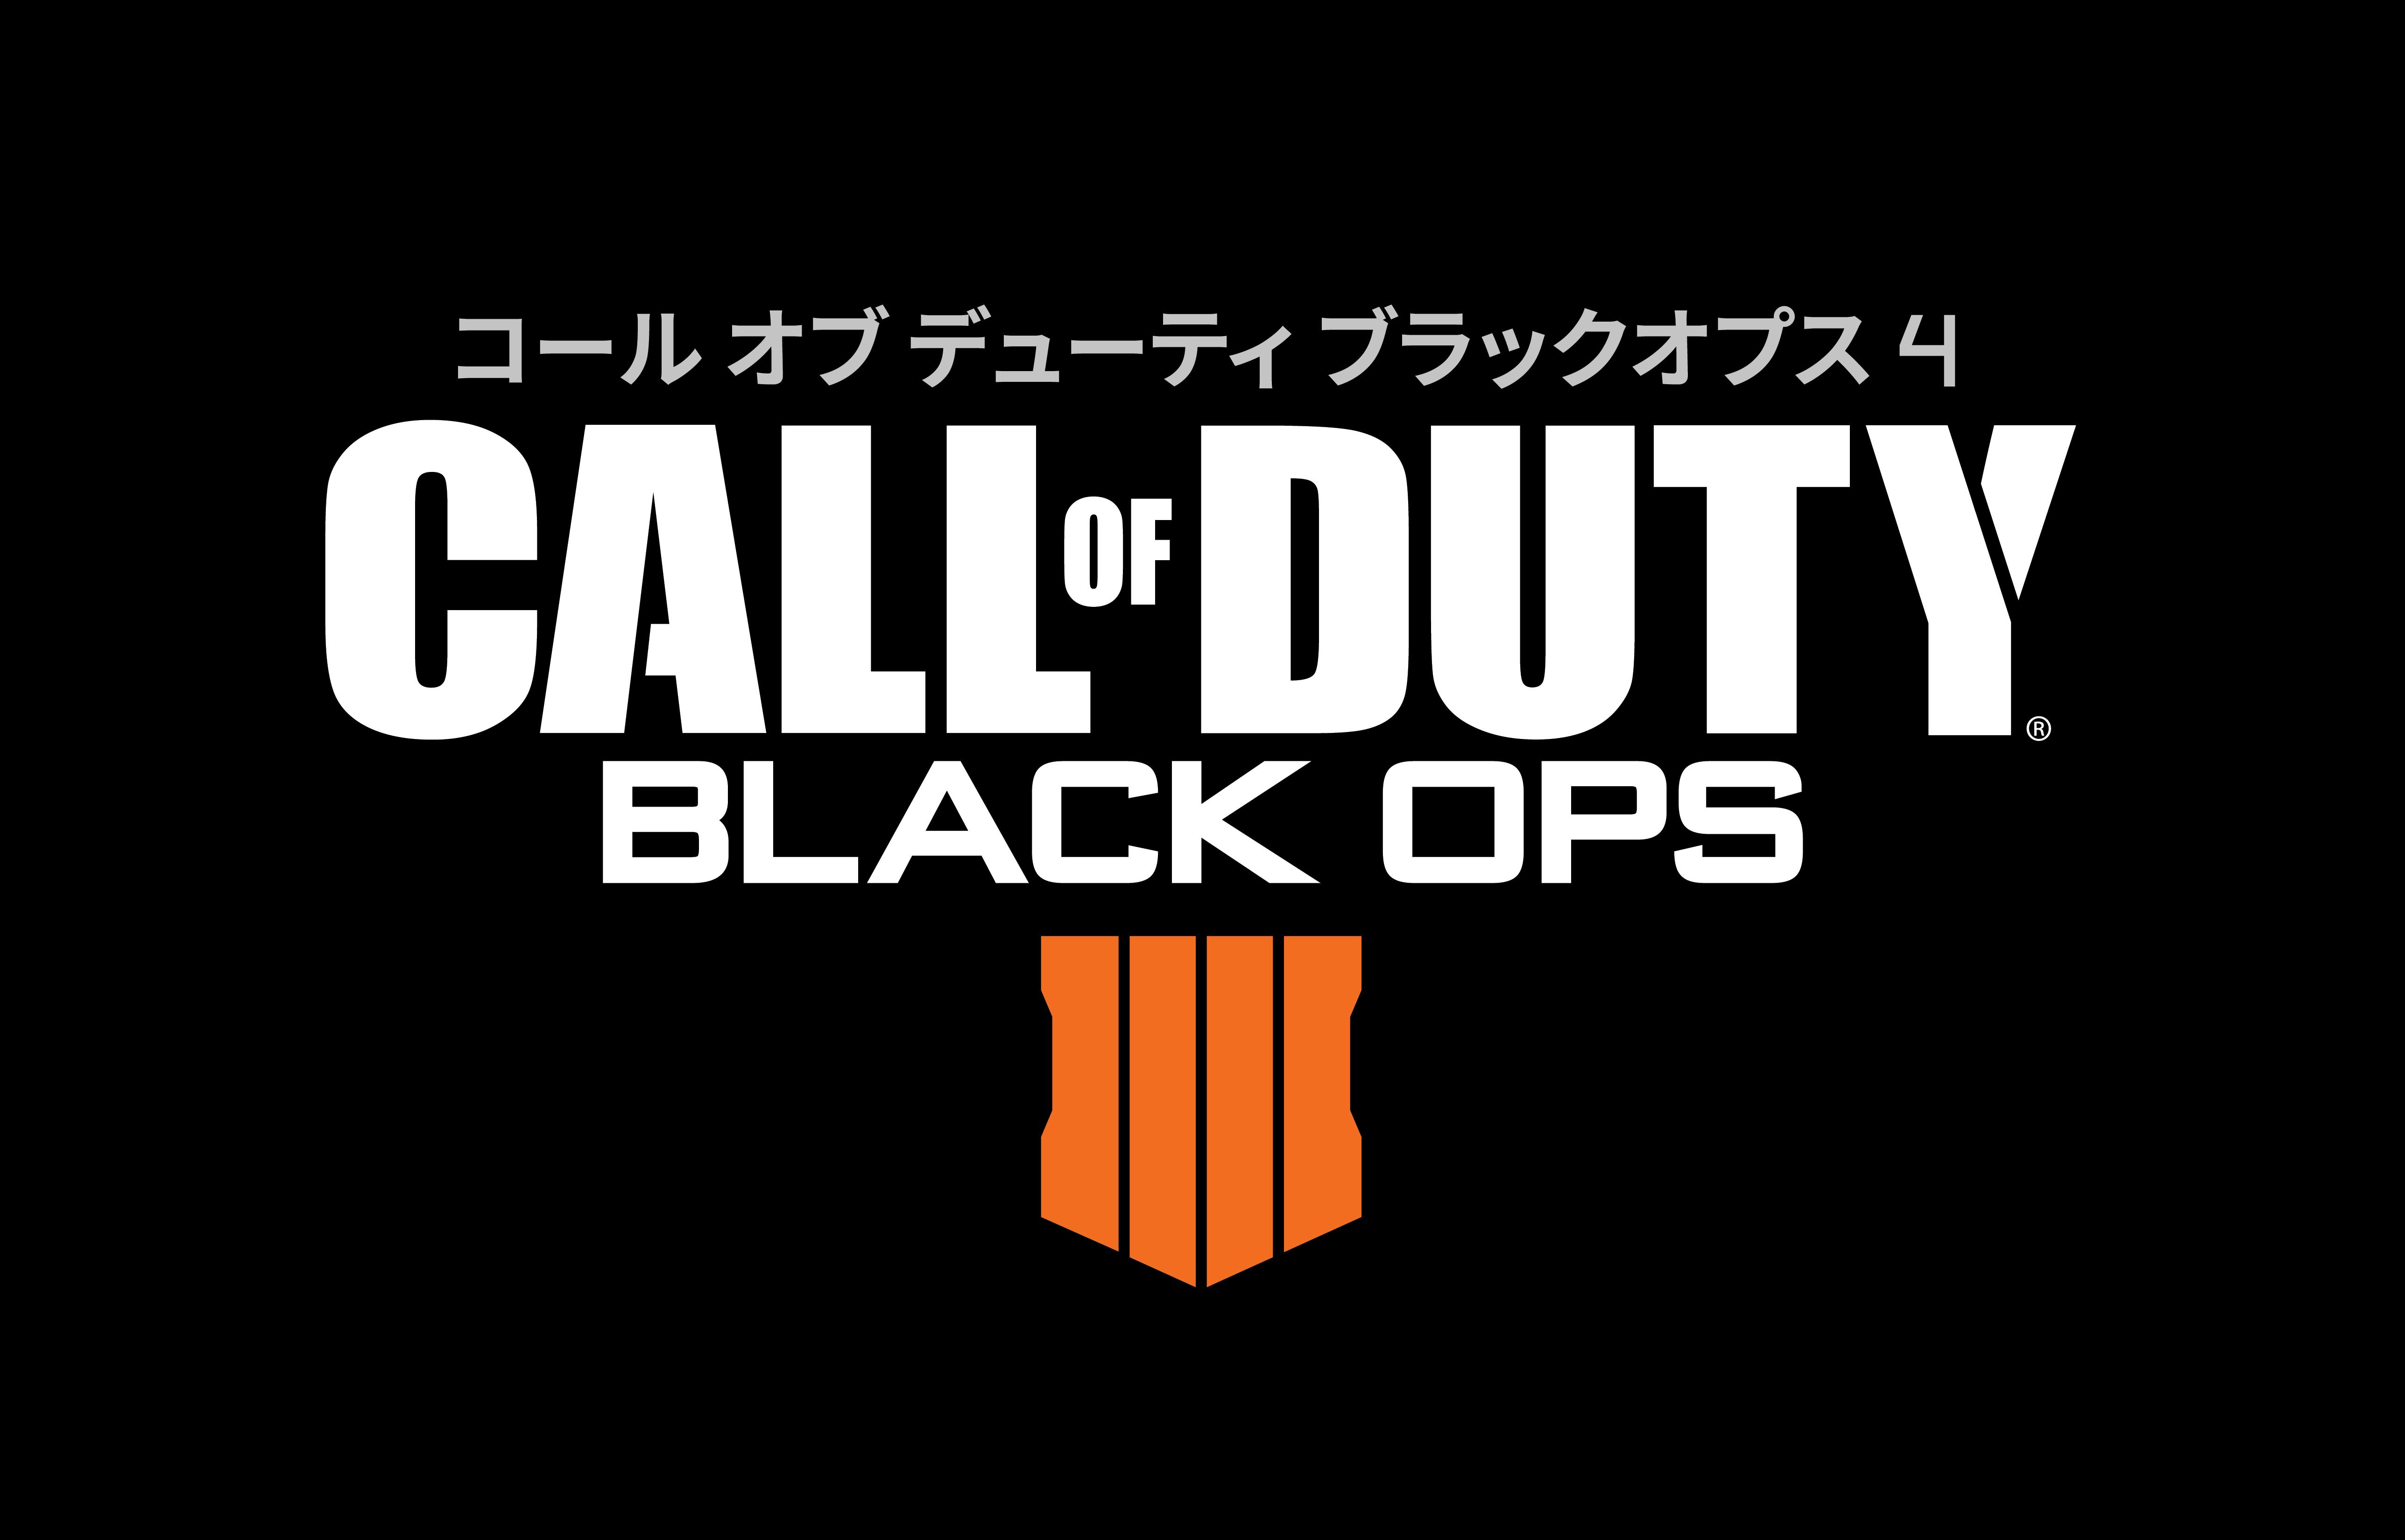 『コール オブ デューティ ブラックオプス 4』タイトルロゴ